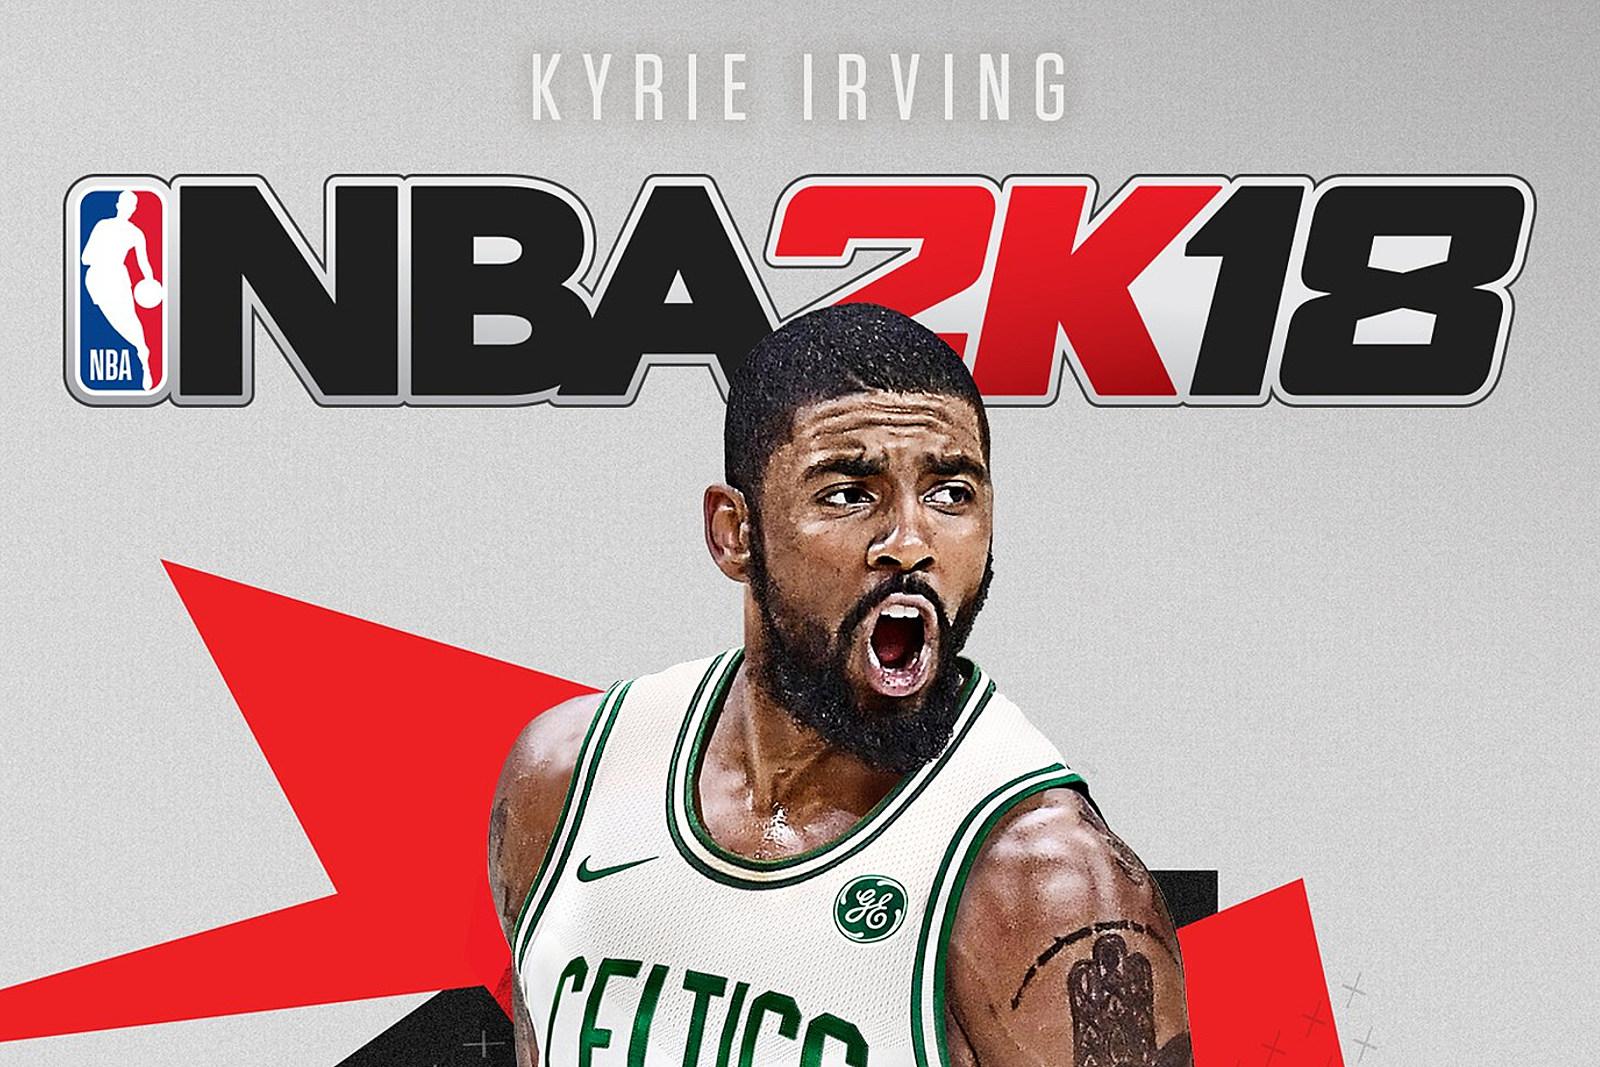 Kyrie Irving Gets 2K18 Celtics Version Cover